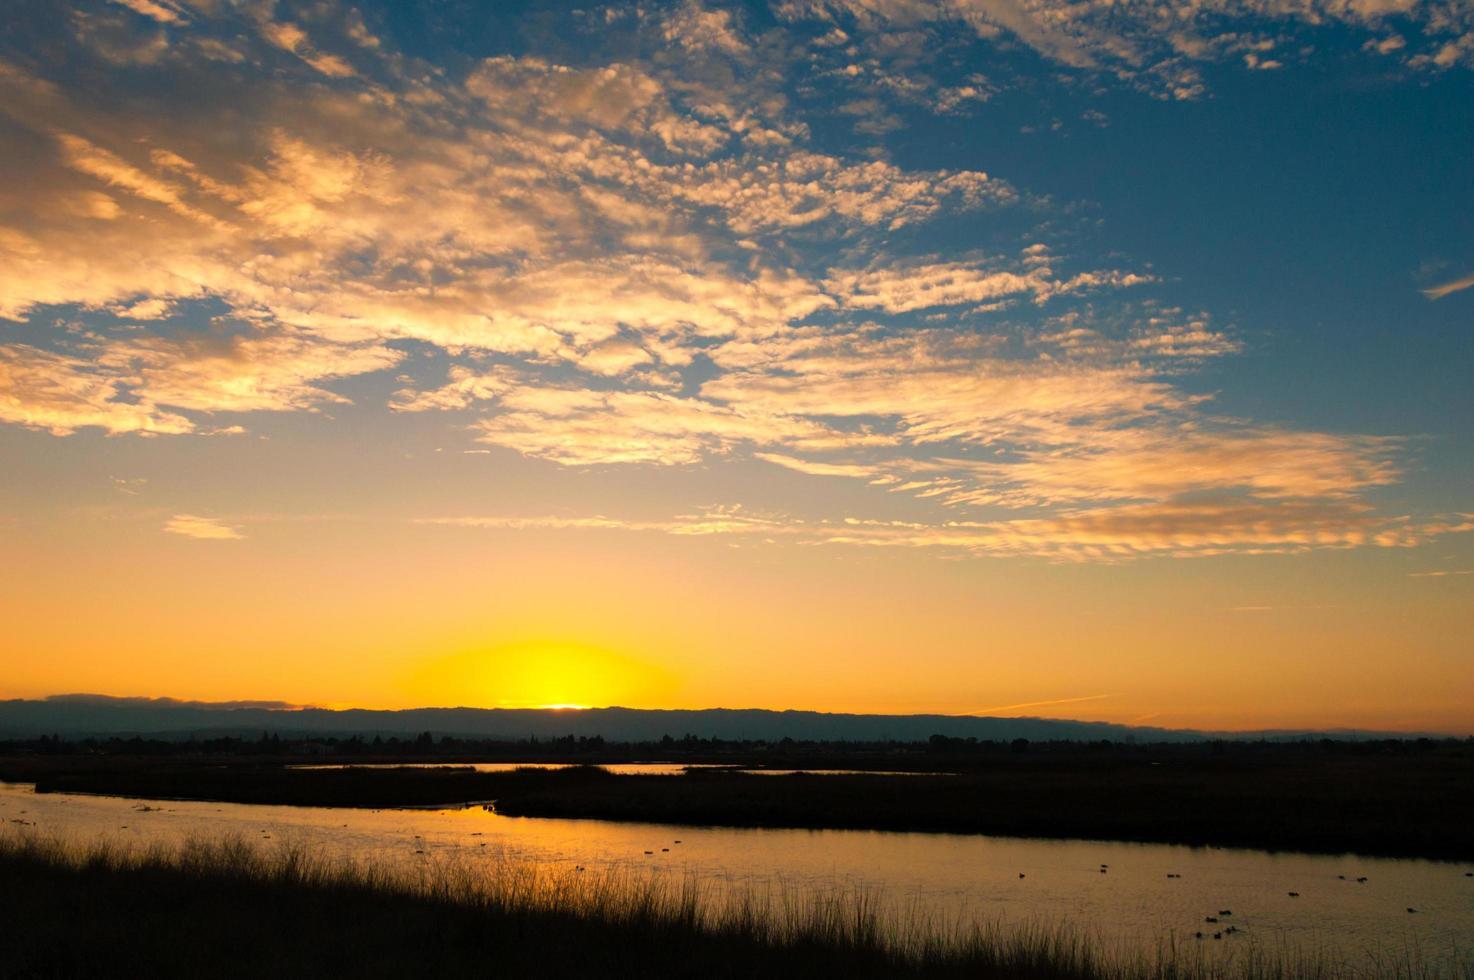 cielo al tramonto d'oro con nuvole foto